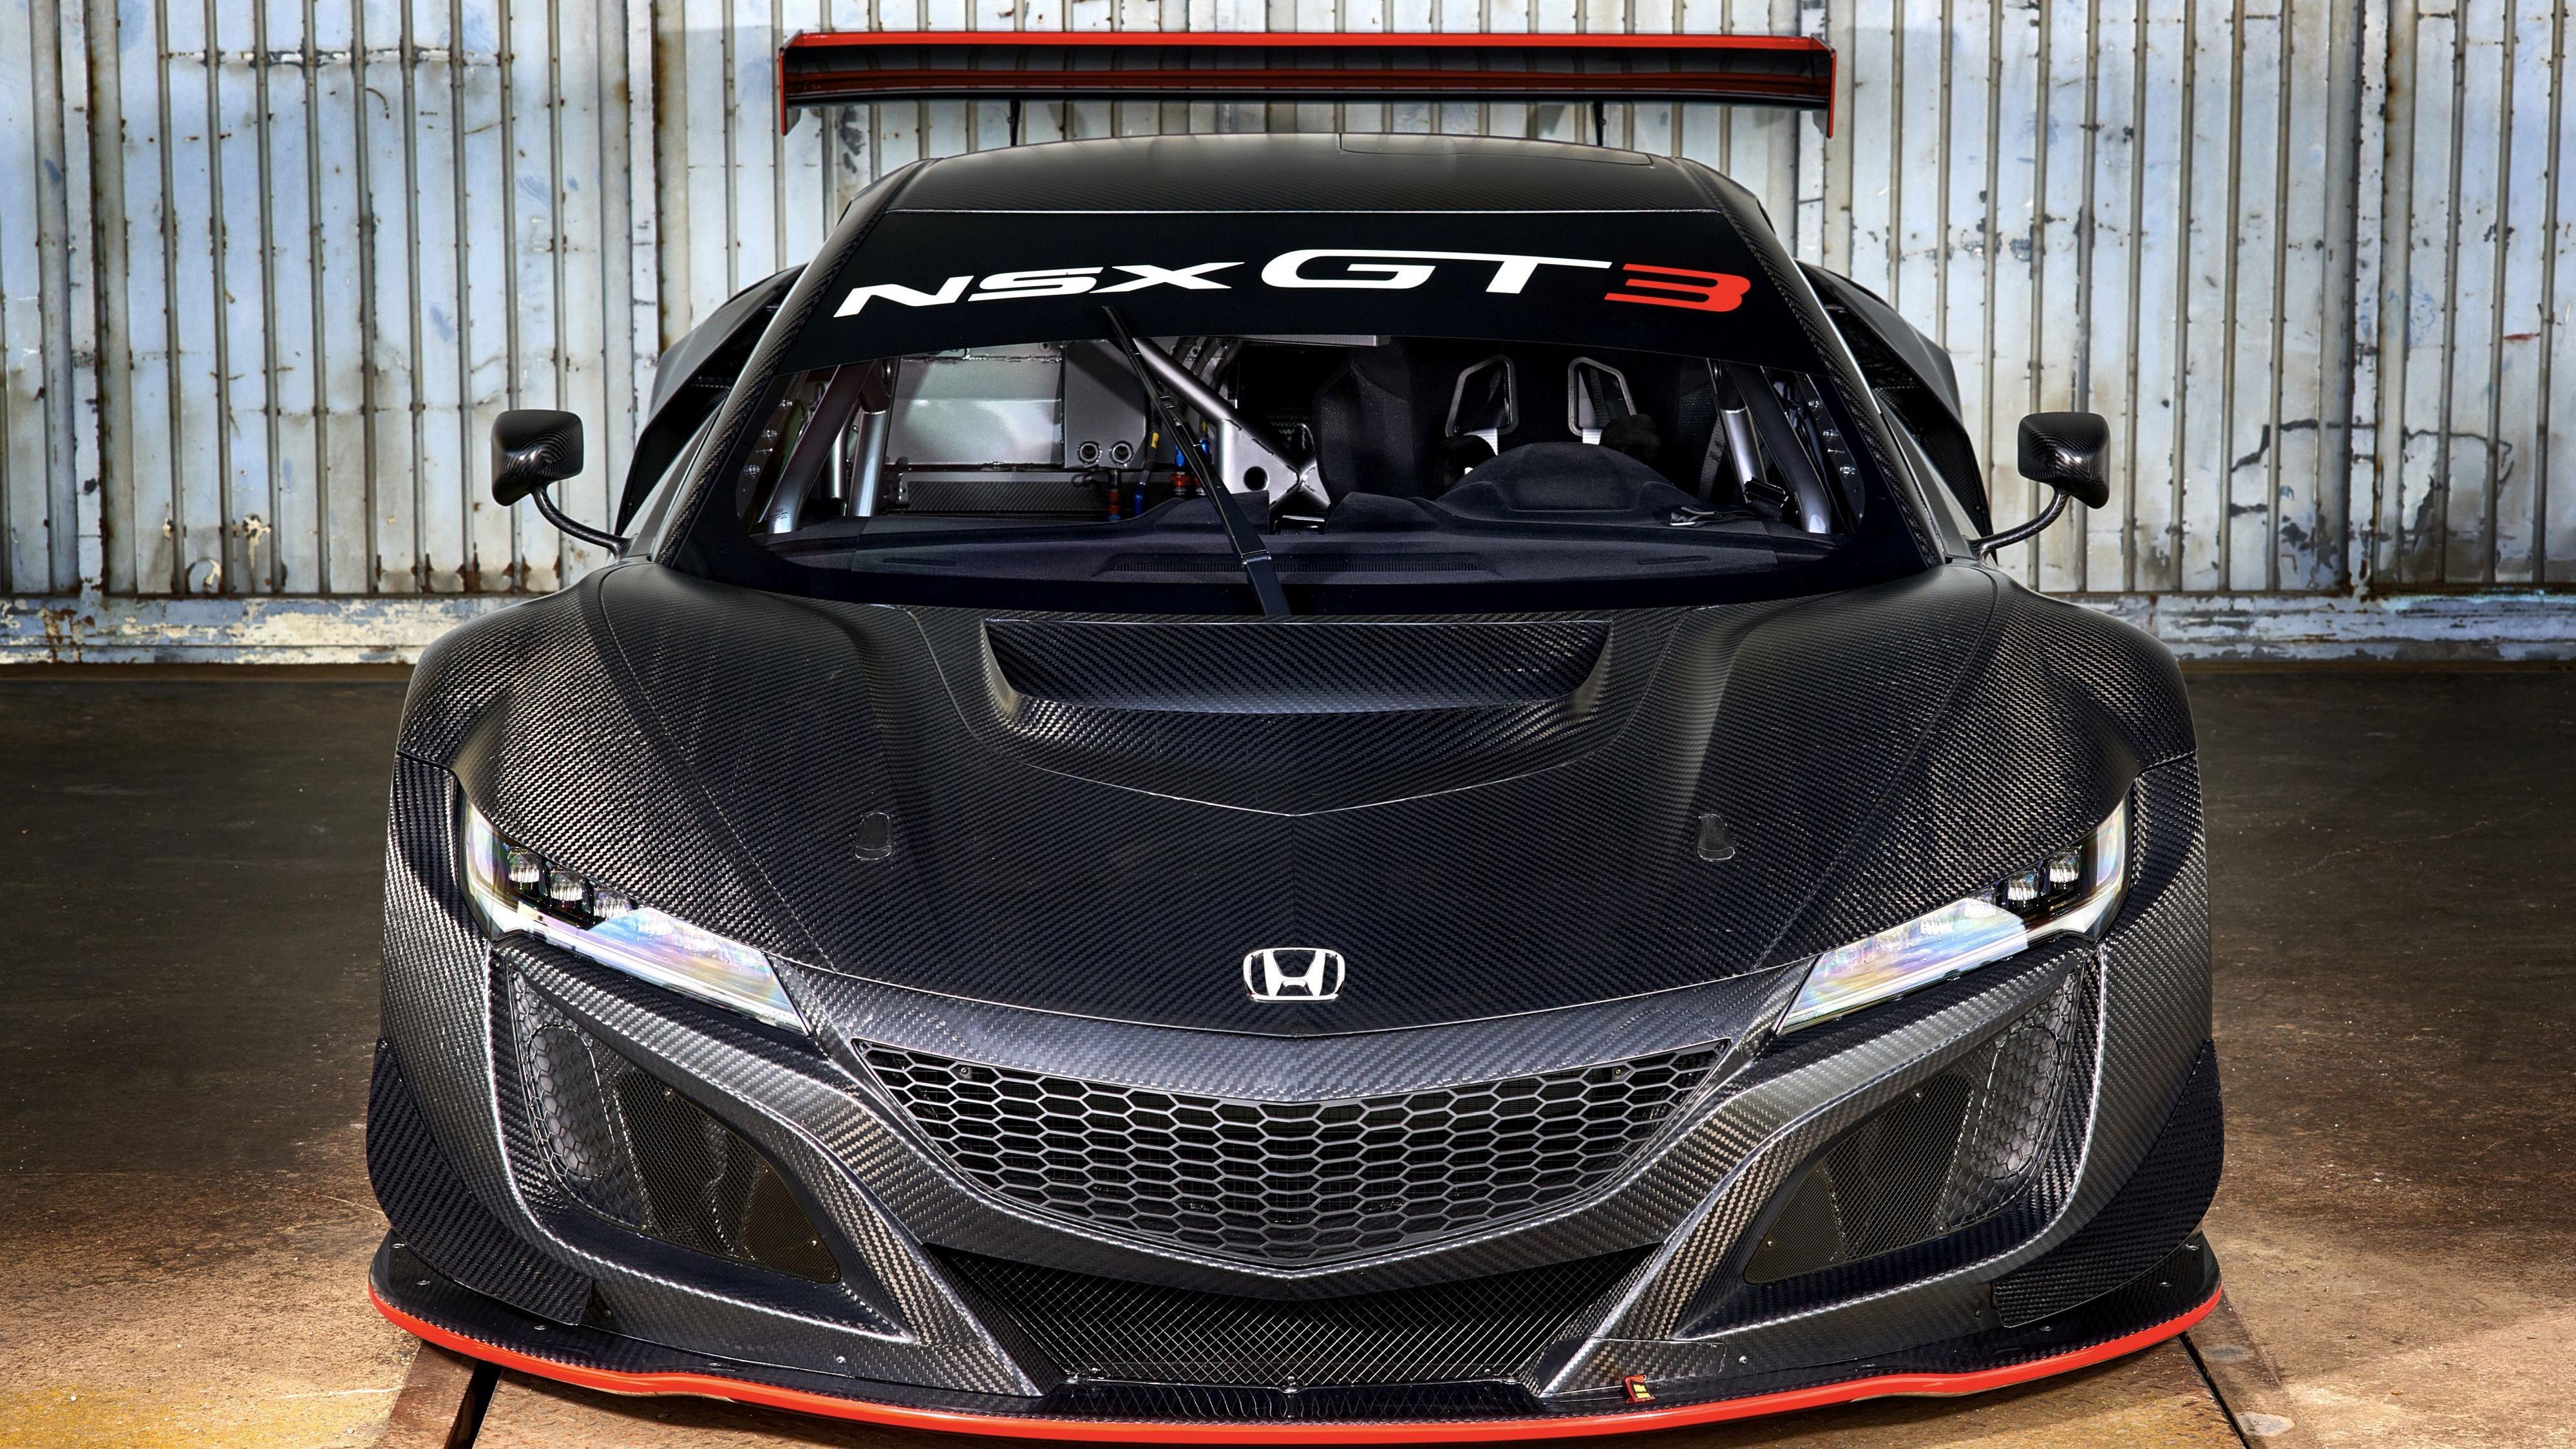 2017 Honda NSX GT3 4K Wallpaper